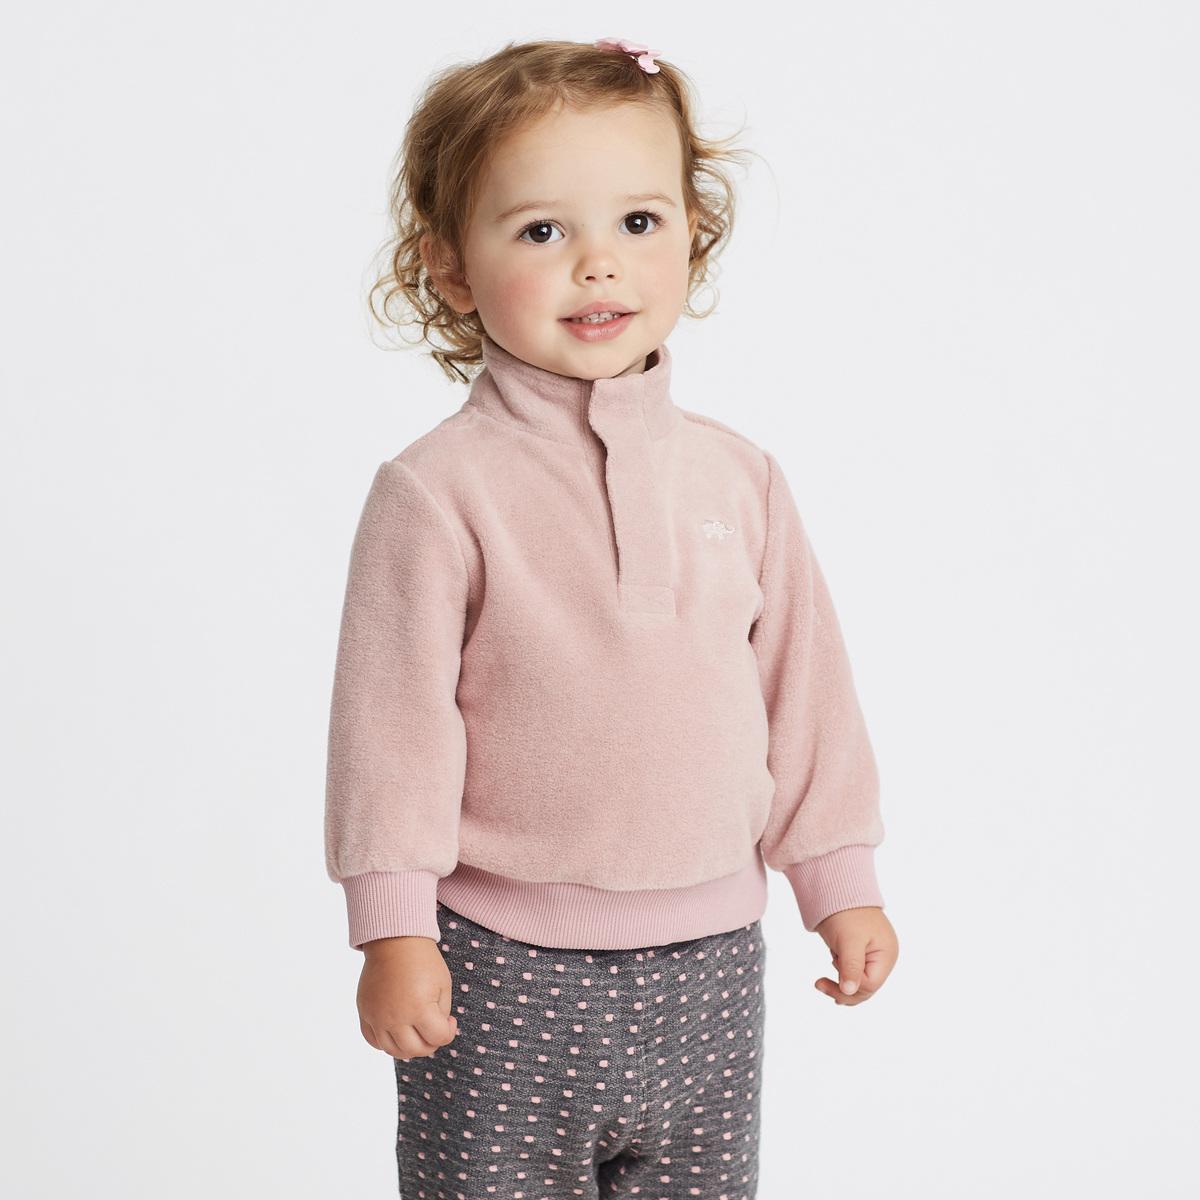 davebella戴维贝拉冬季儿童套头衫男女童保暖摇粒绒外套DB5974